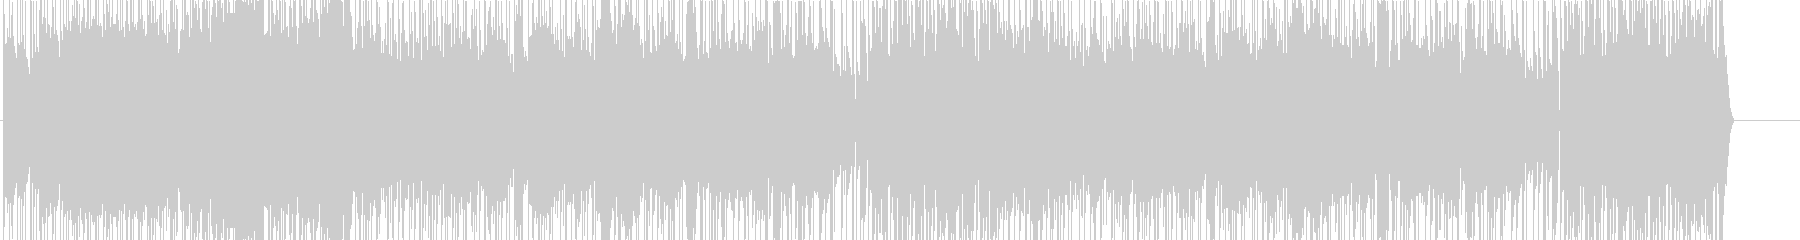 疾走感のあゲーム音楽風シンセウェーブの未再生の波形